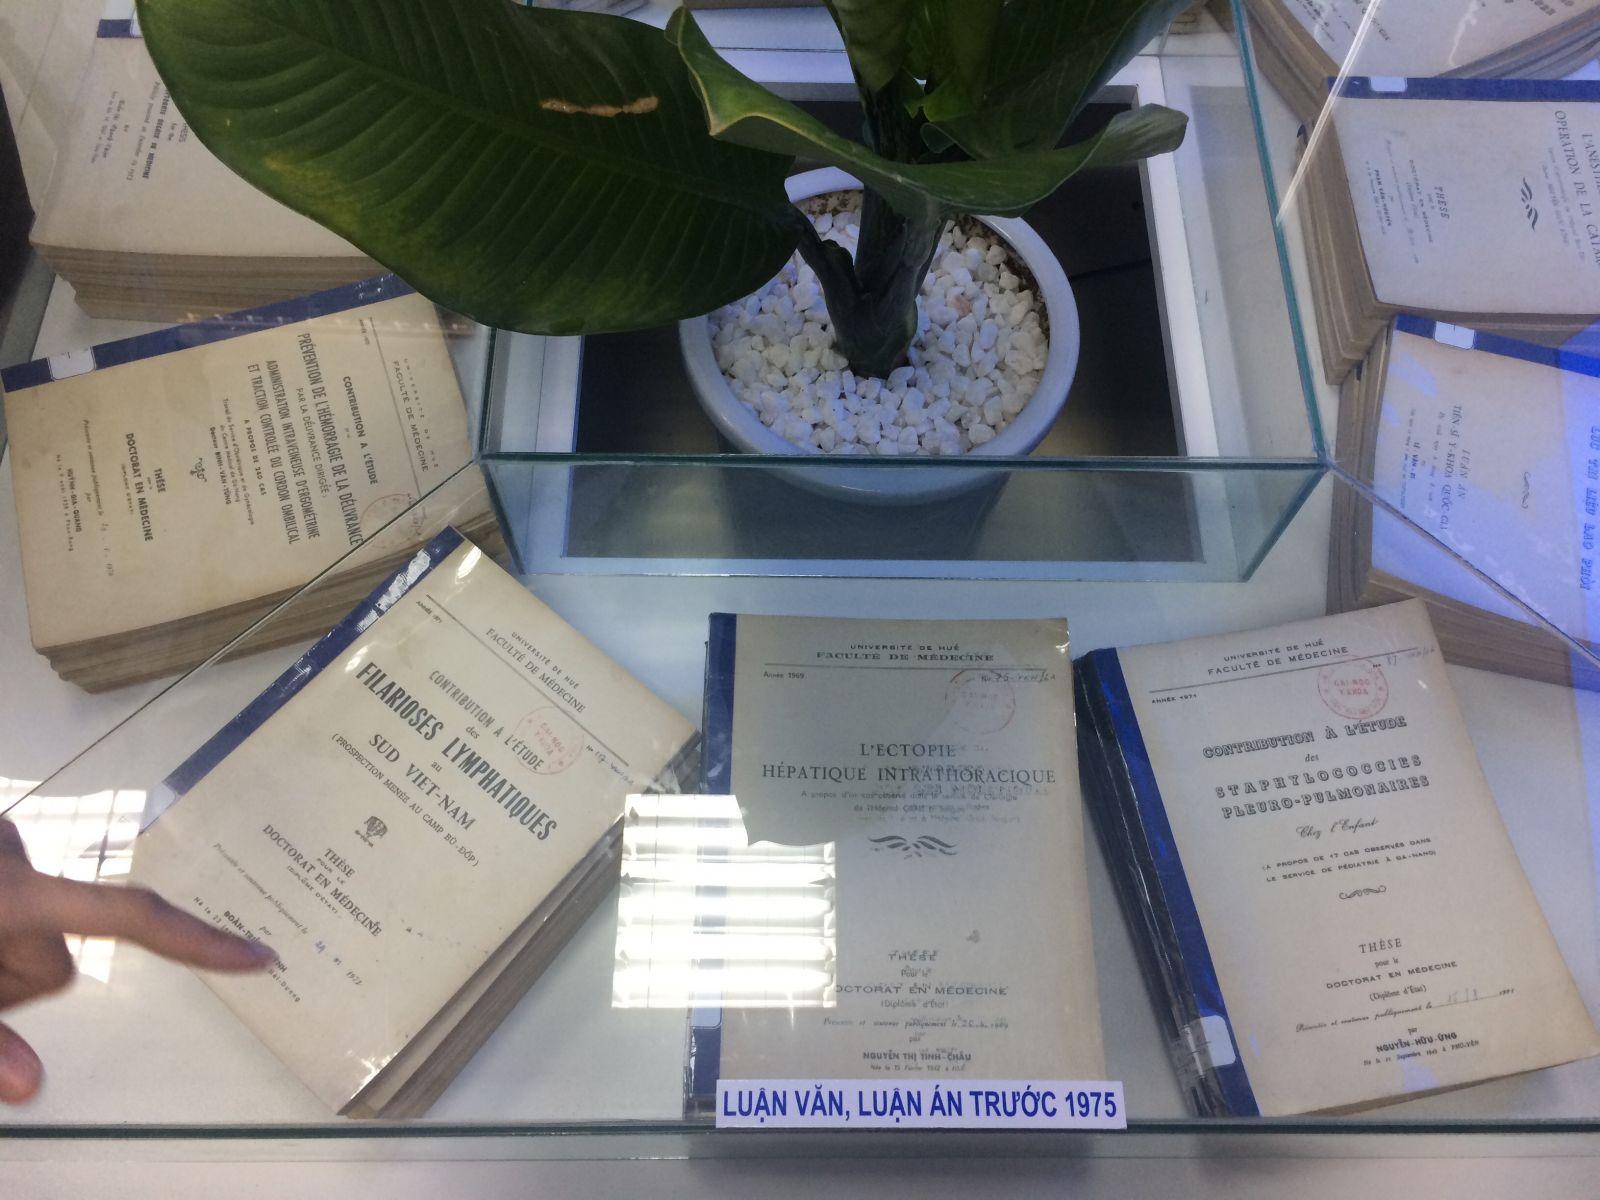 Triển lãm trình bày nhiều sách, tài liệu quý